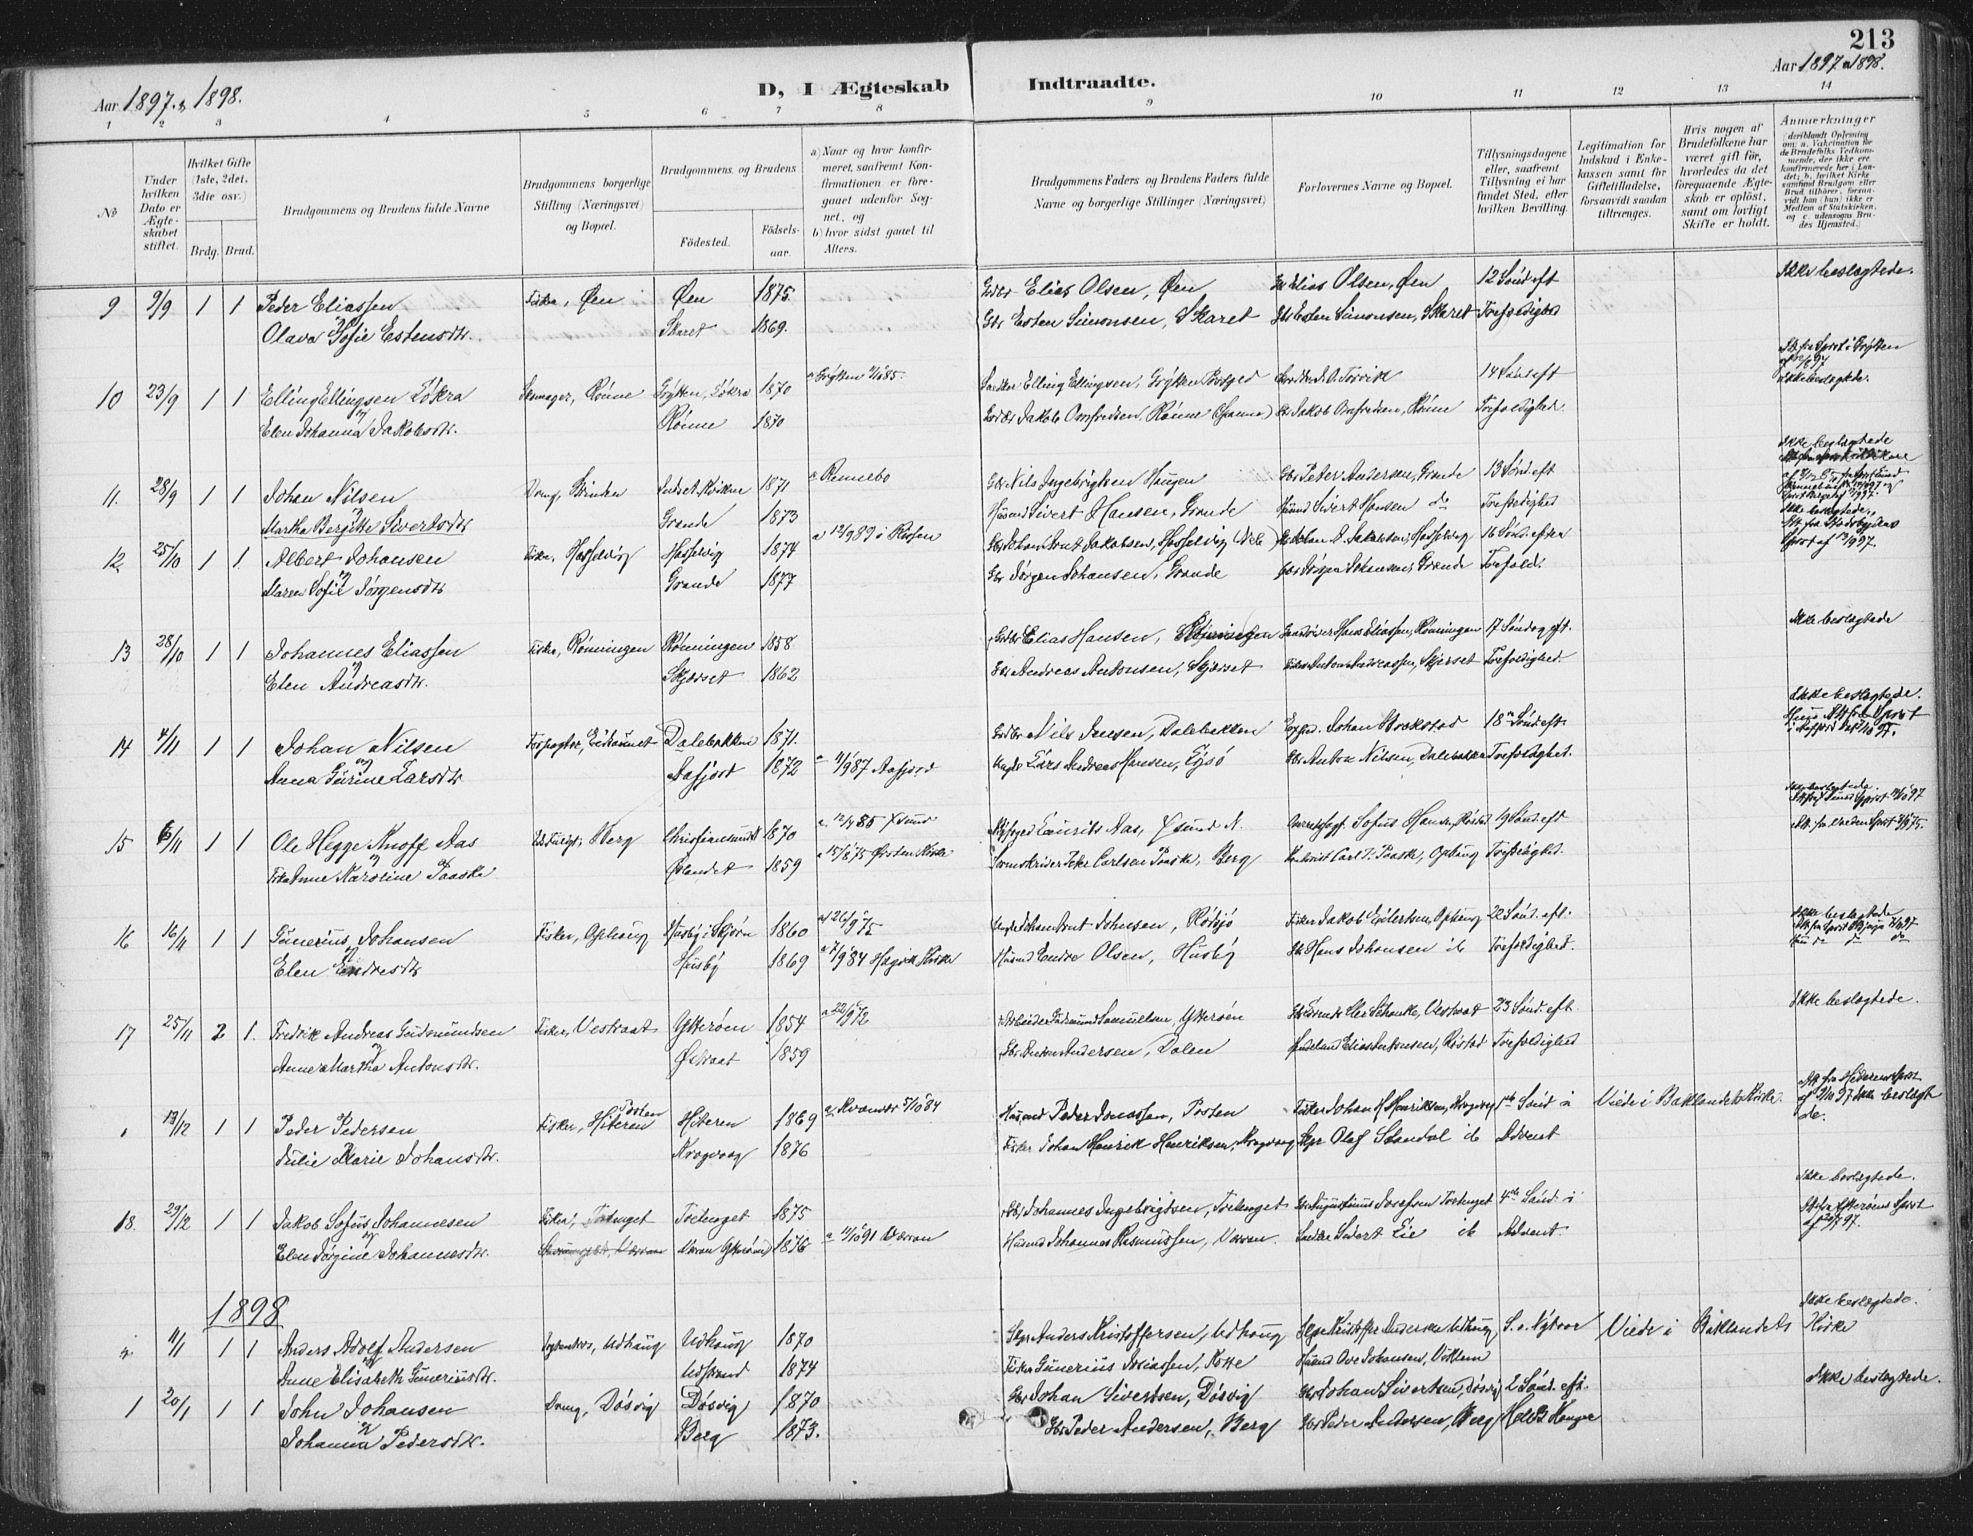 SAT, Ministerialprotokoller, klokkerbøker og fødselsregistre - Sør-Trøndelag, 659/L0743: Ministerialbok nr. 659A13, 1893-1910, s. 213